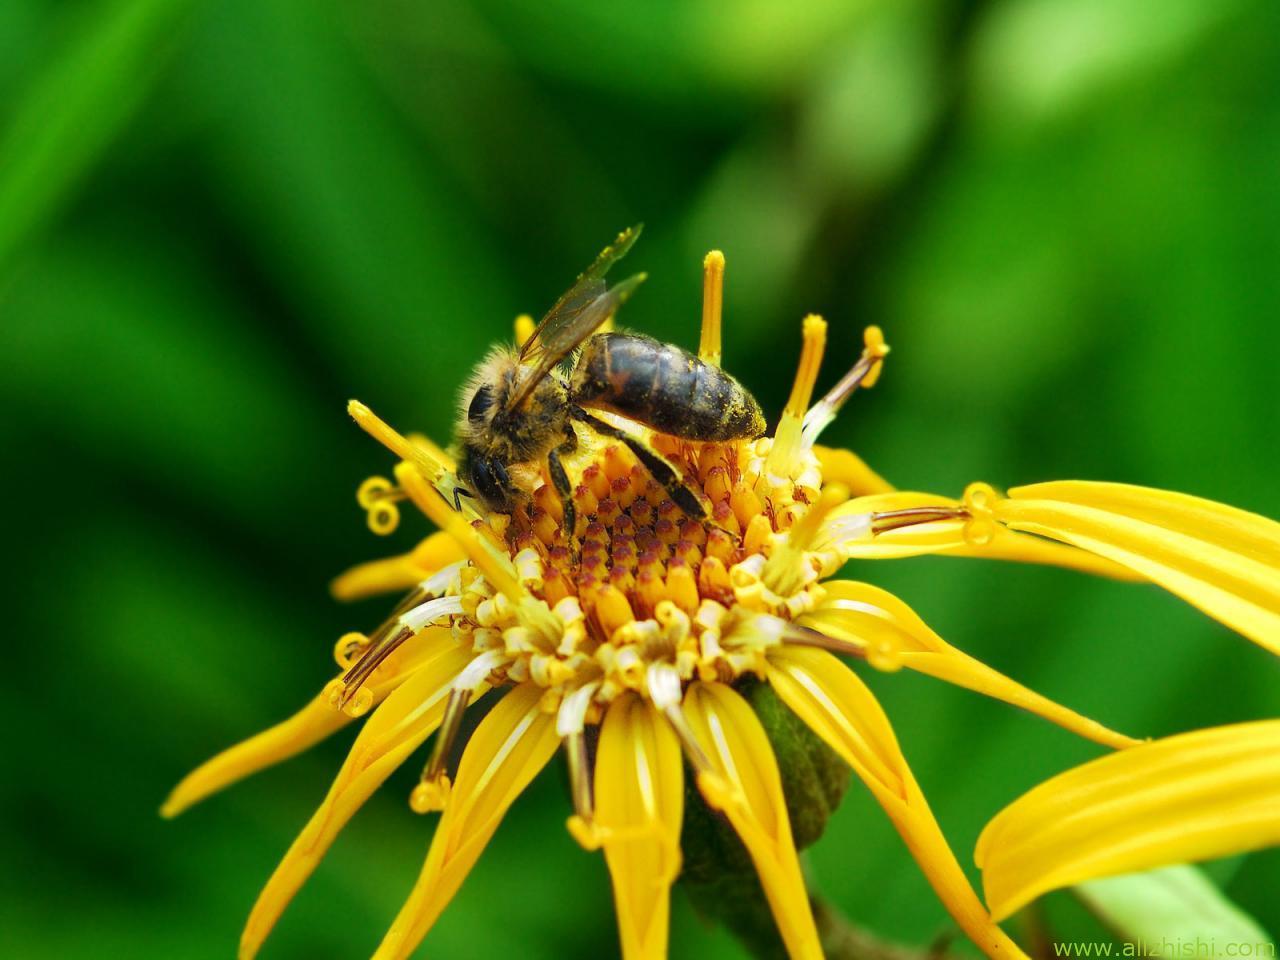 神奇的蜜蜂王国